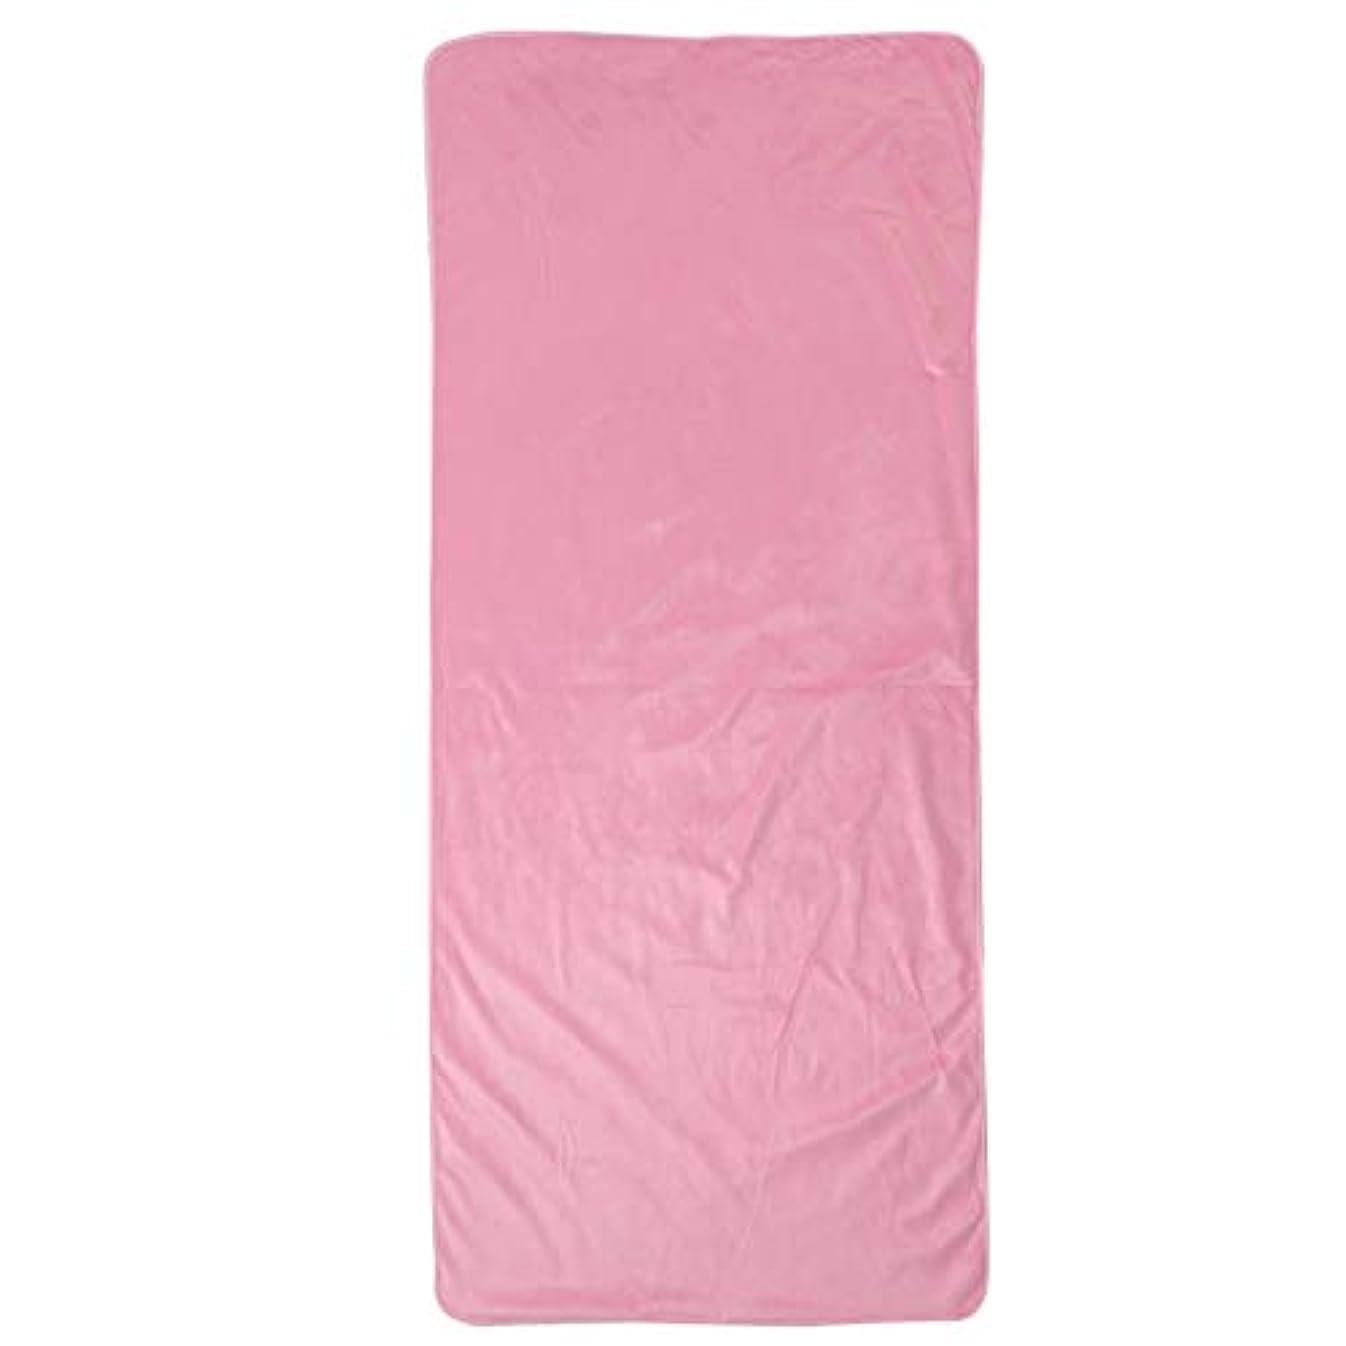 FLAMEER マッサージベッドカバー スパ 美容ベッド エステベッドシーツ 通気性 快適